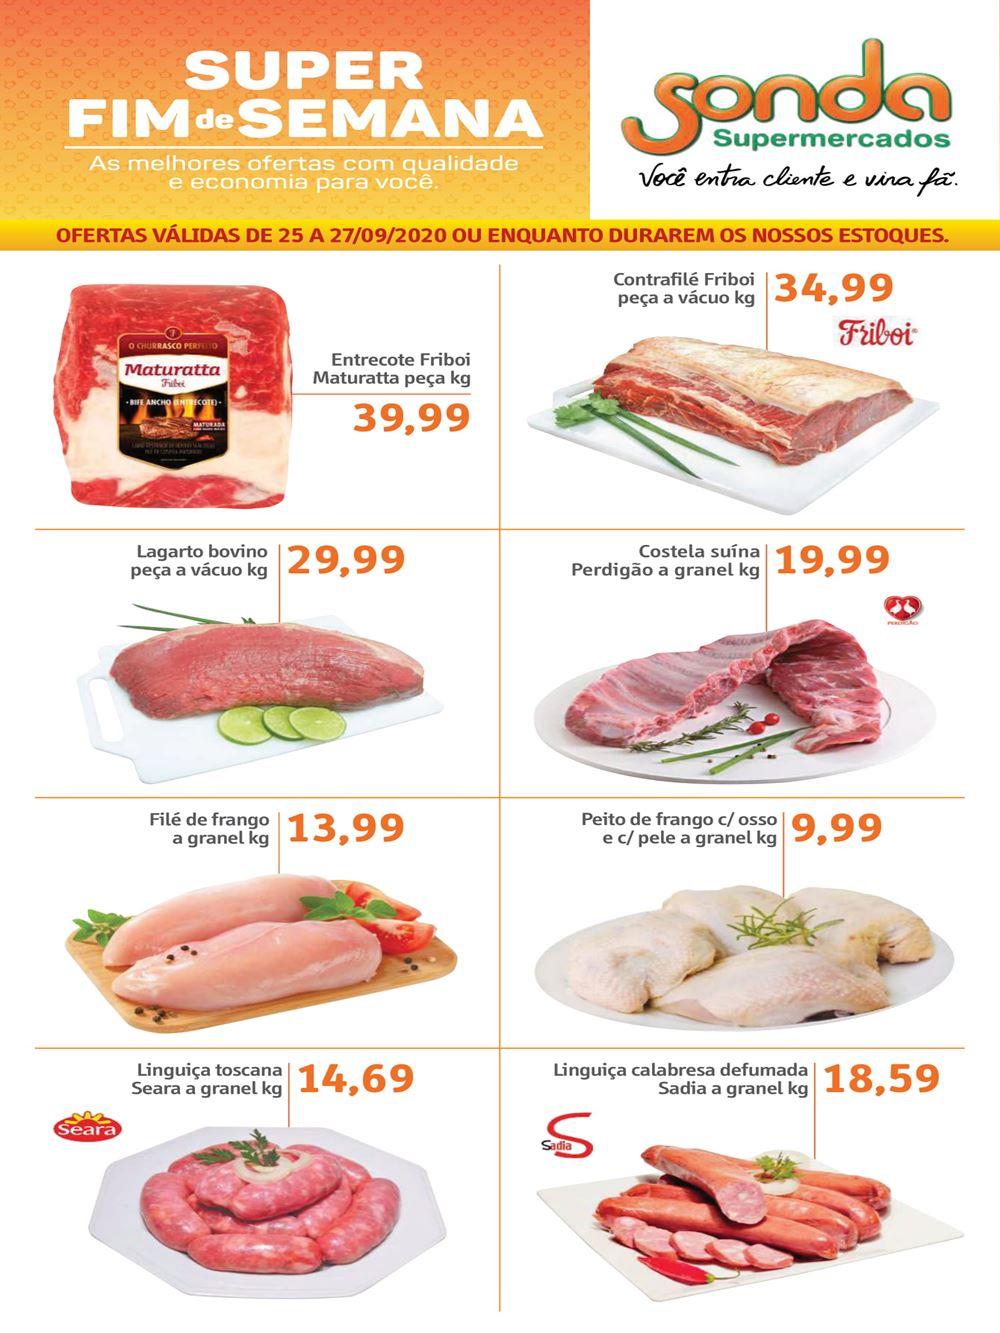 sonda-ofertas-descontos-hoje1-9 Ofertas de supermercados - Economize